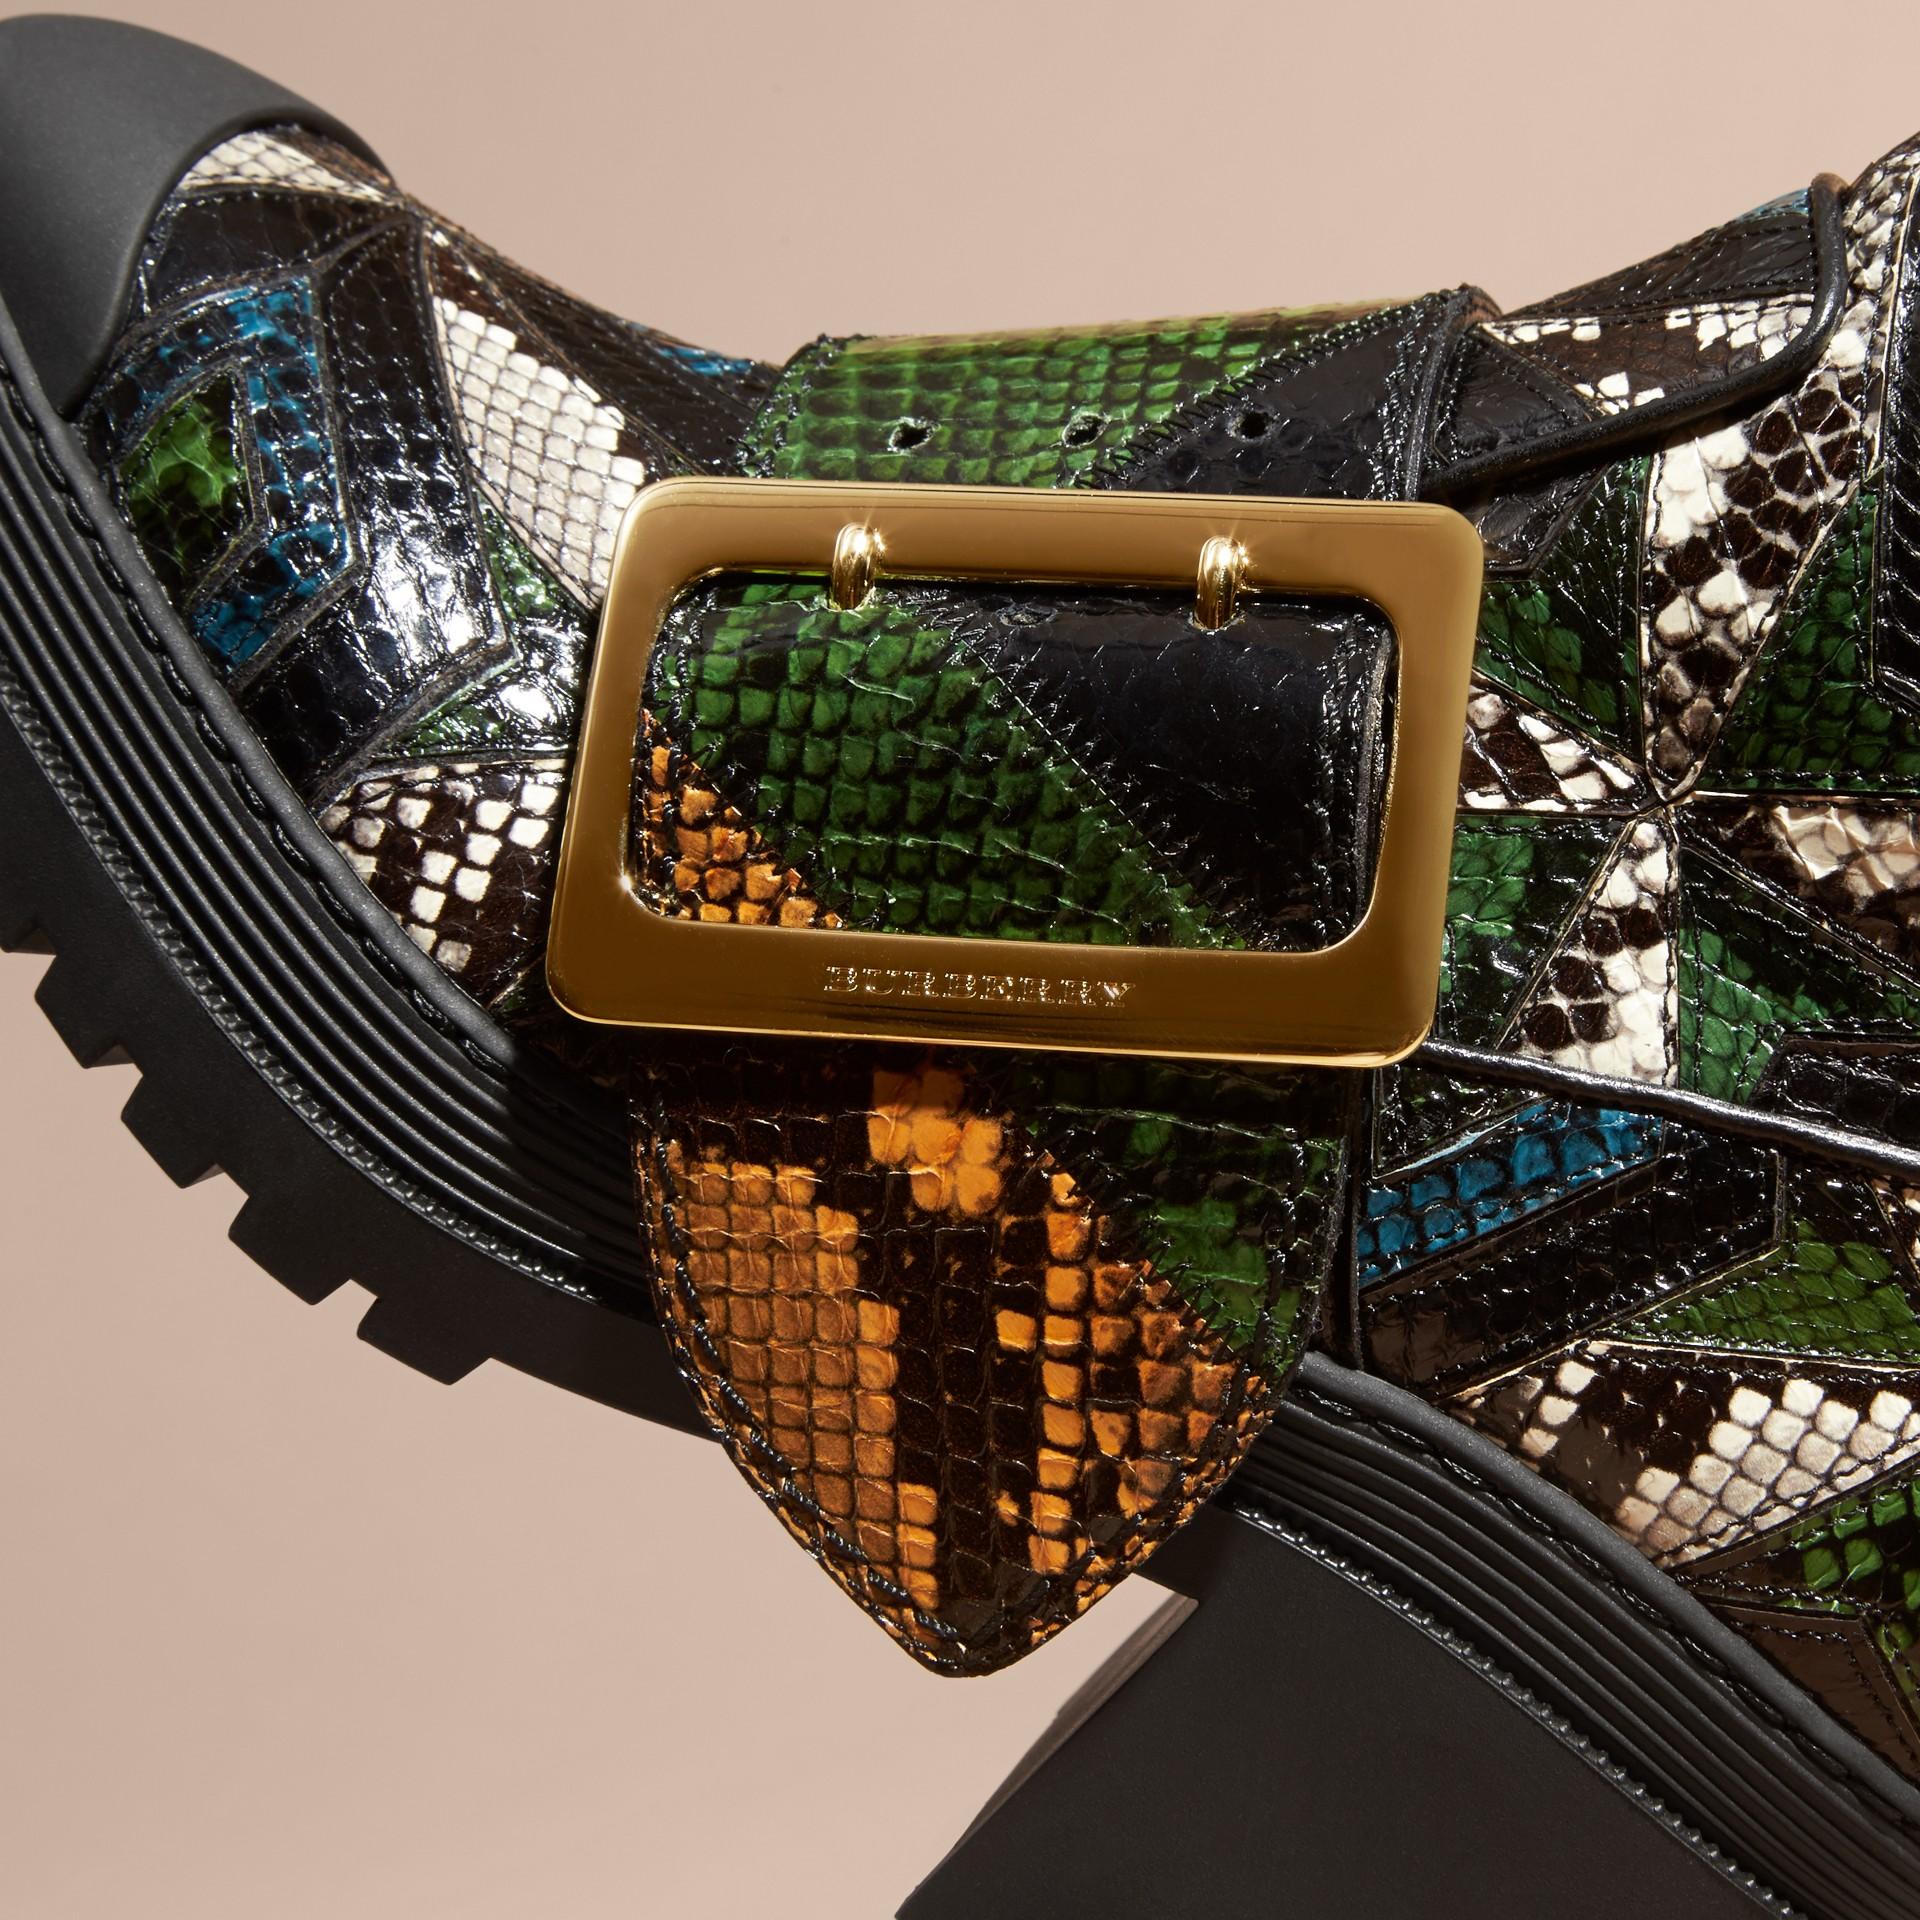 Nero/blu minerale Stivali The Buckle in pelle di serpente - immagine della galleria 2